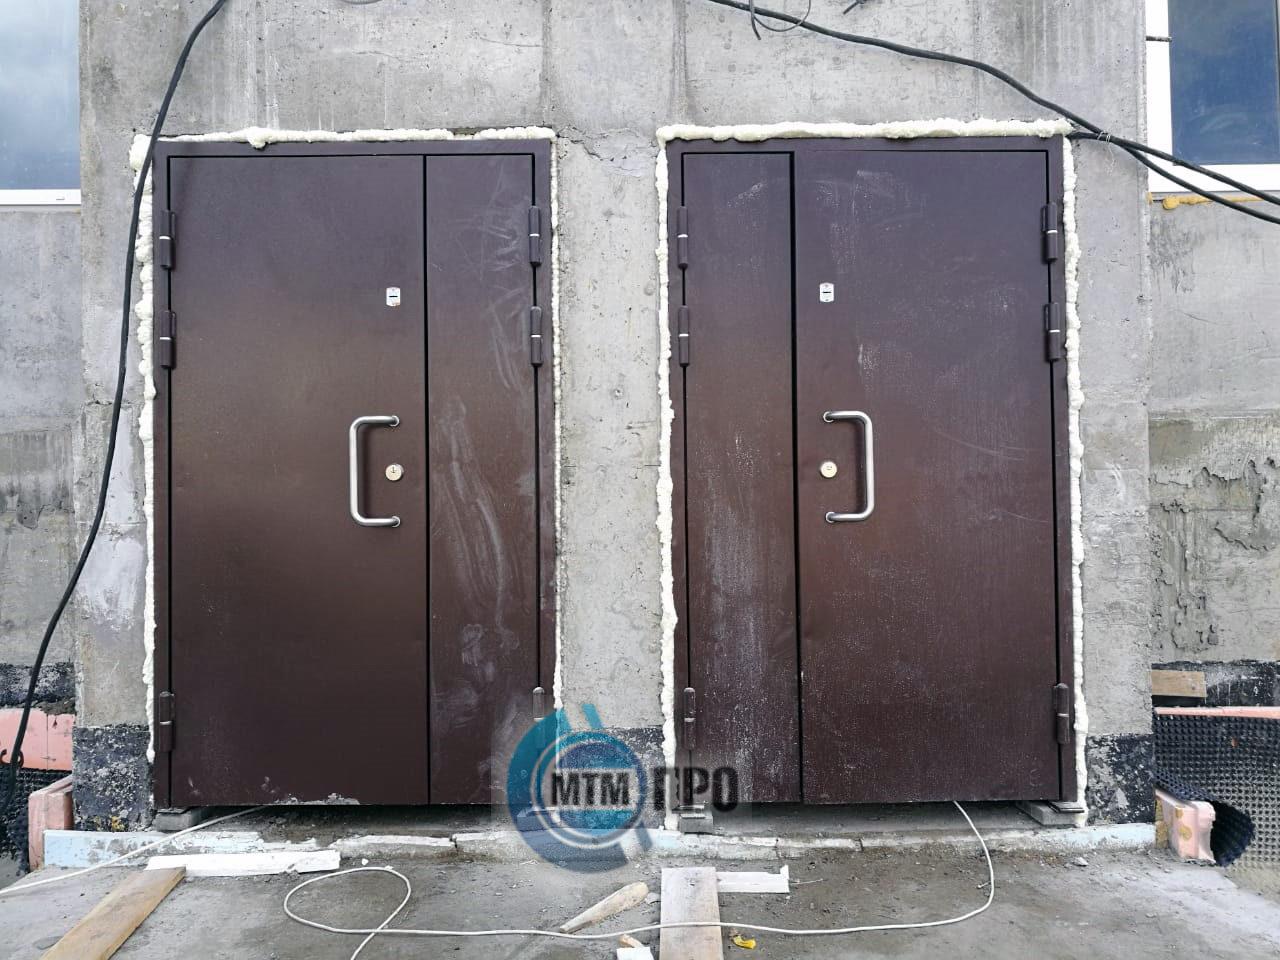 Дверные блоки пулевзломостойкие взрывостойкие серии «Пантеон Бр4-I-взрыв»